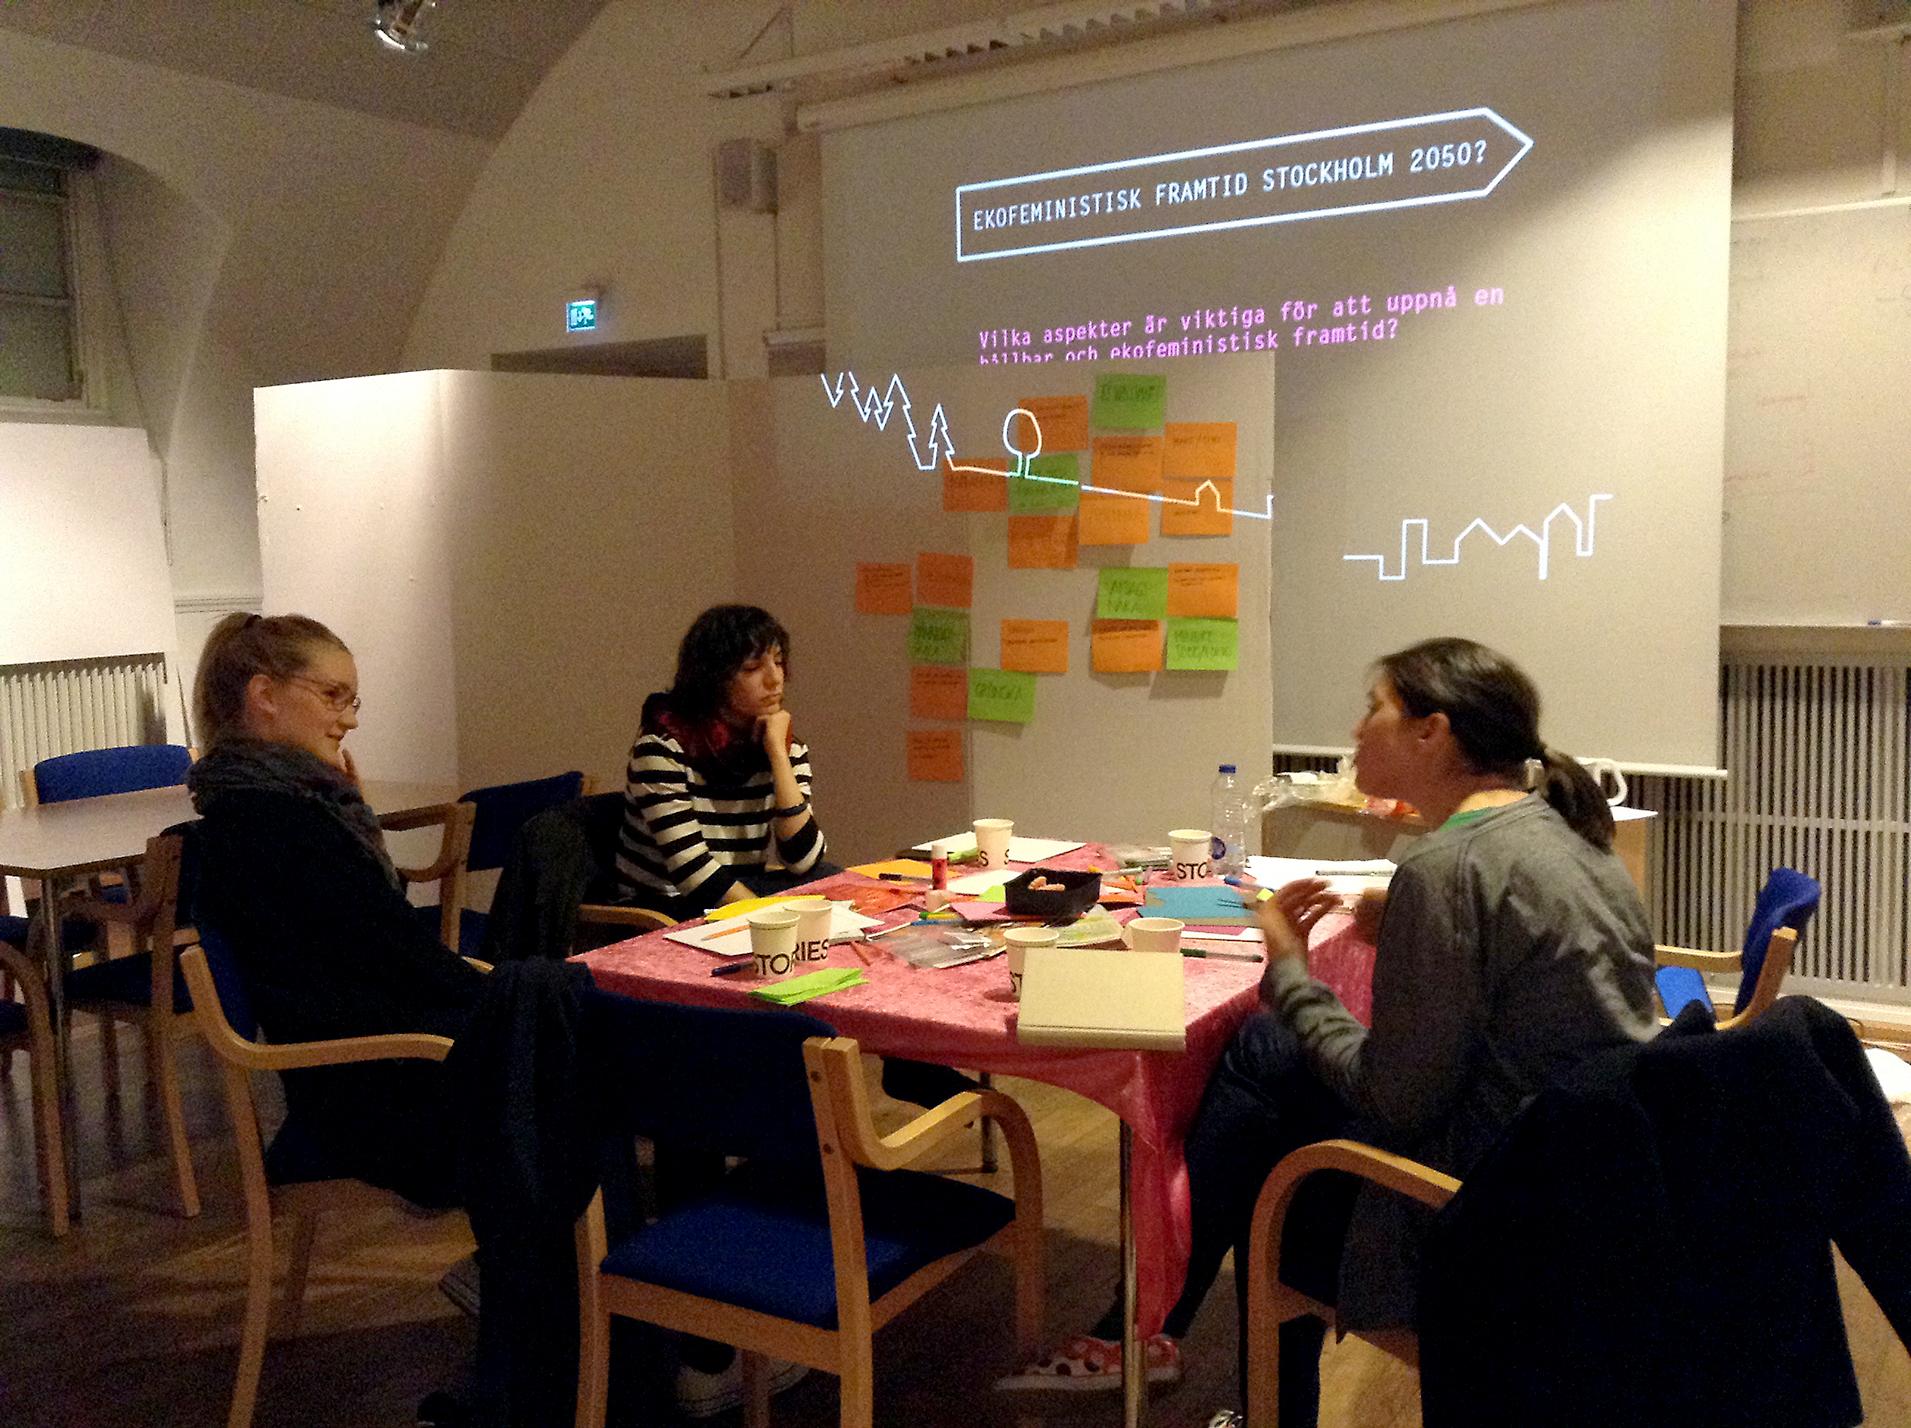 Som i all teoribildning finns det en stor mångfald även inom feministisk teori, här är en bild från en workshop med utgångspunkt från den ekofeministiska teorin.